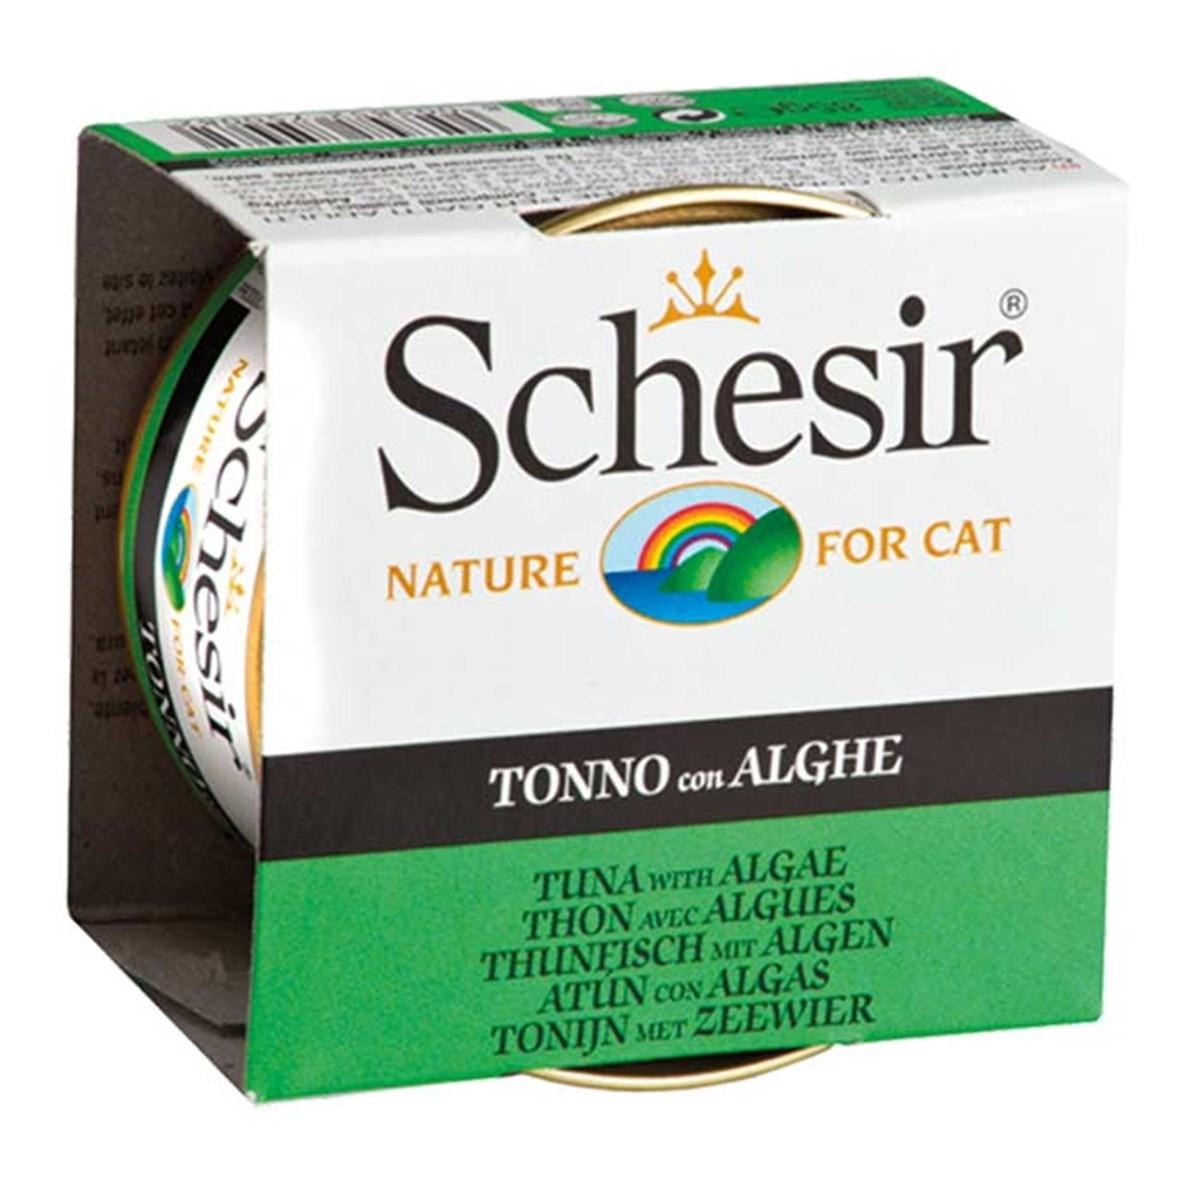 Schesir Conserva Ton si Alge 85 g imagine